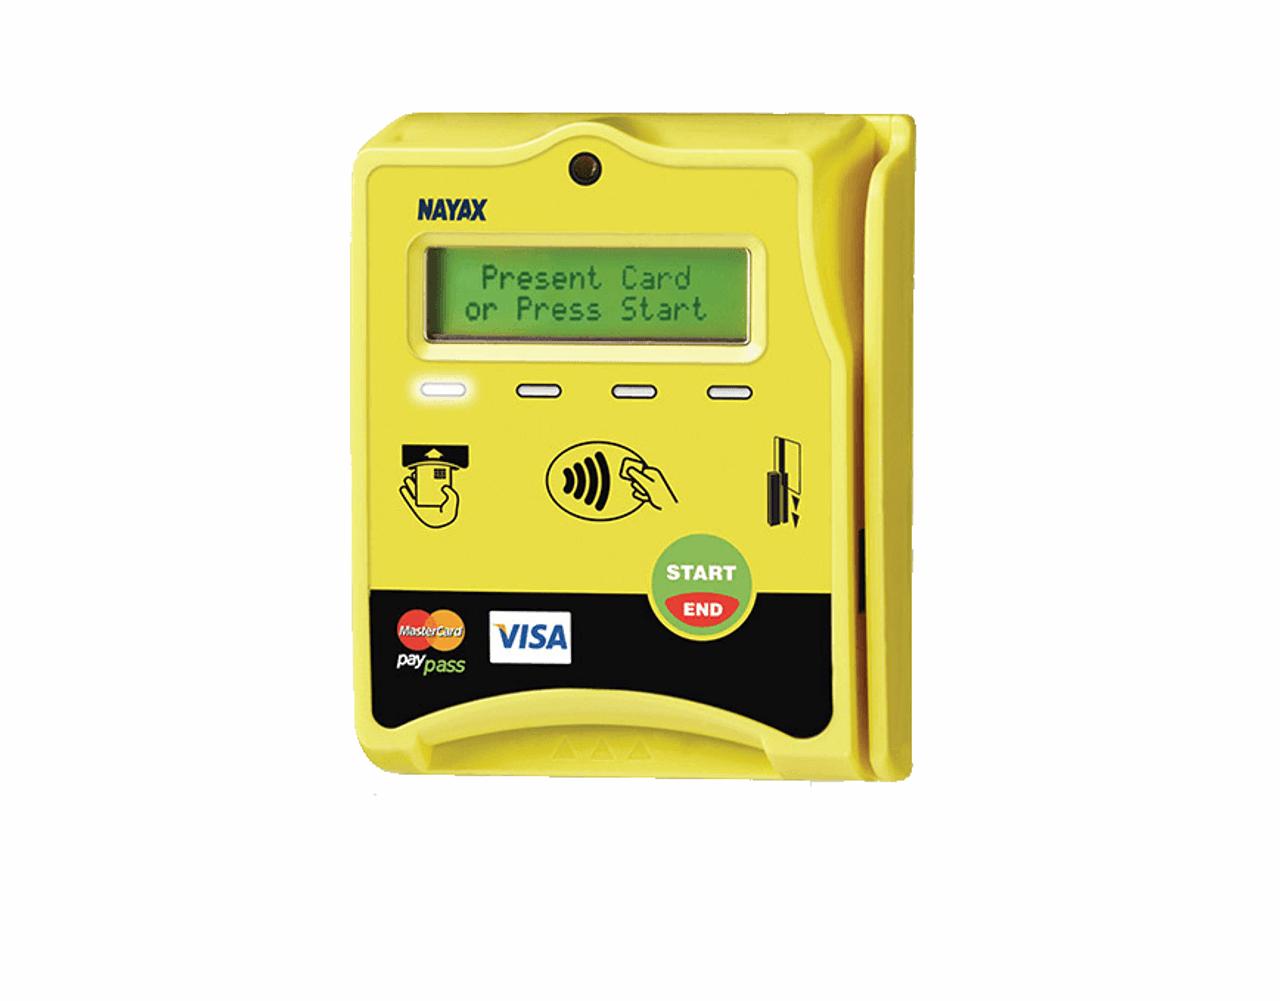 New Nayax VPOS Credit Card Reader